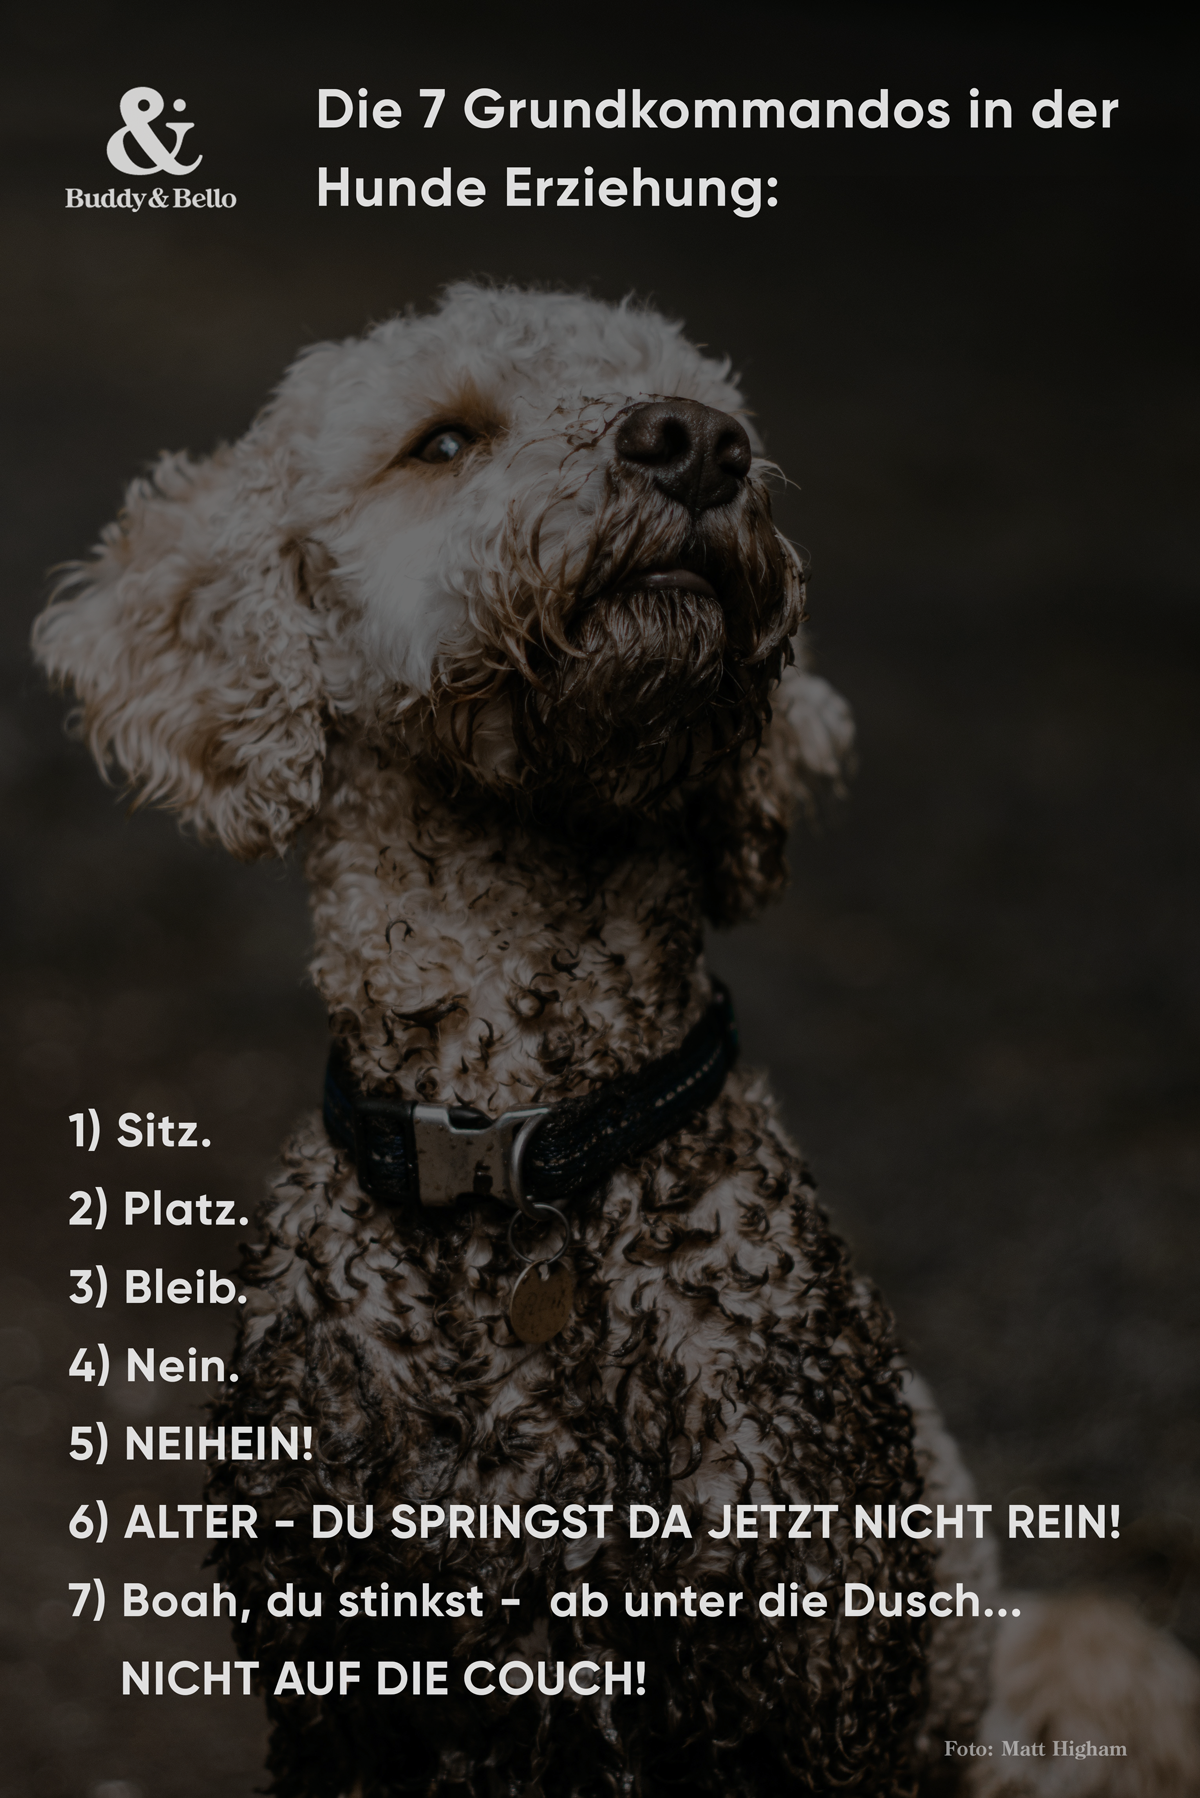 buddyandbello_sprüche_7regeln.png